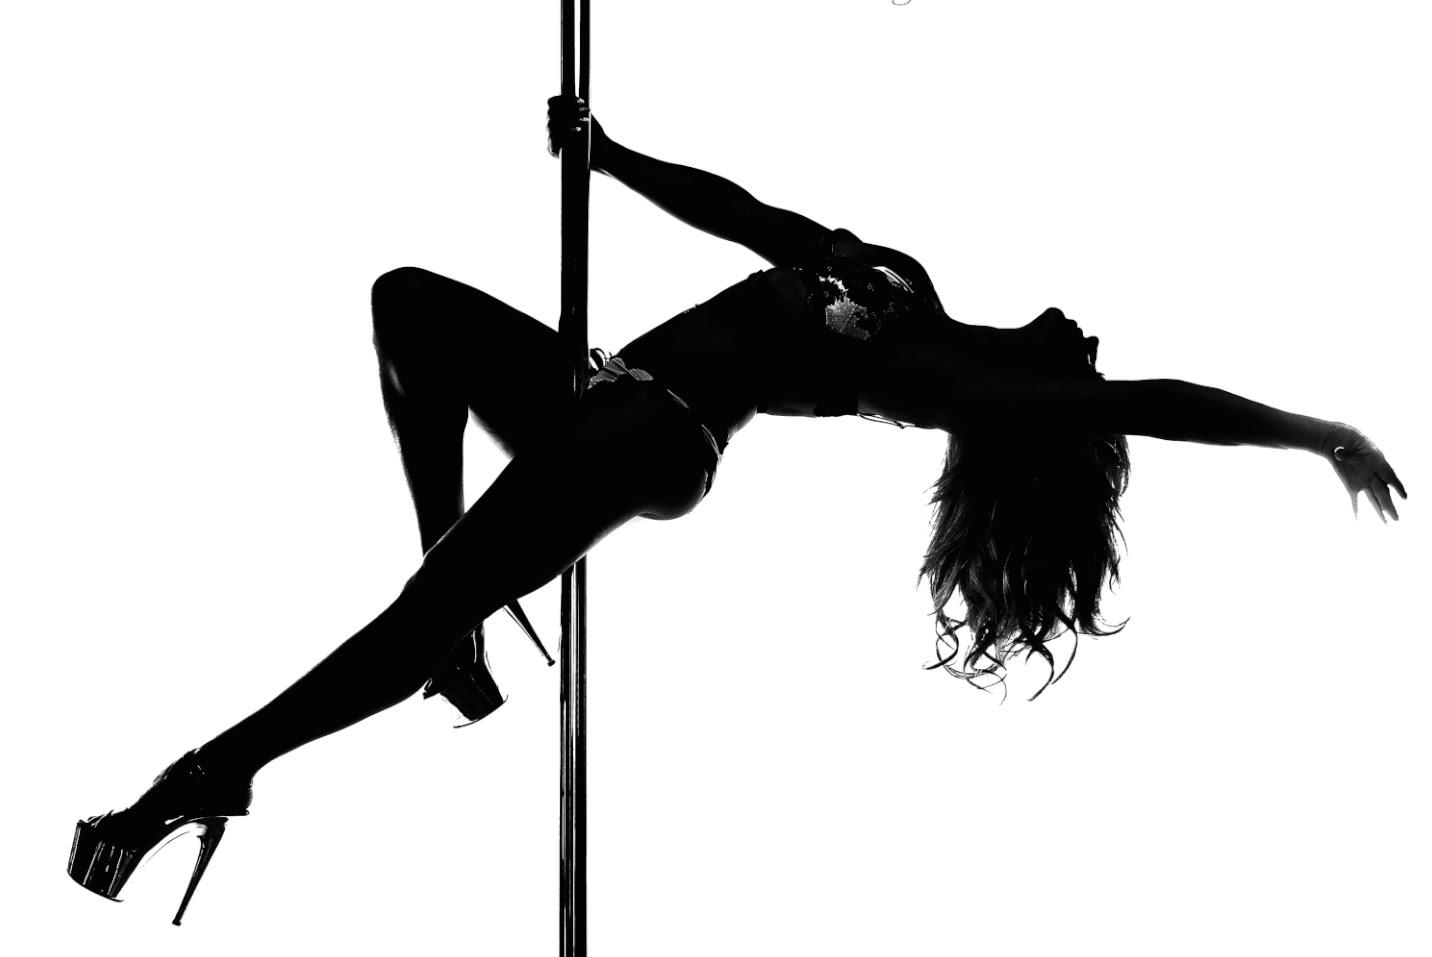 """Serijal """"Šipka je moć"""" – Pole Dance benefiti"""